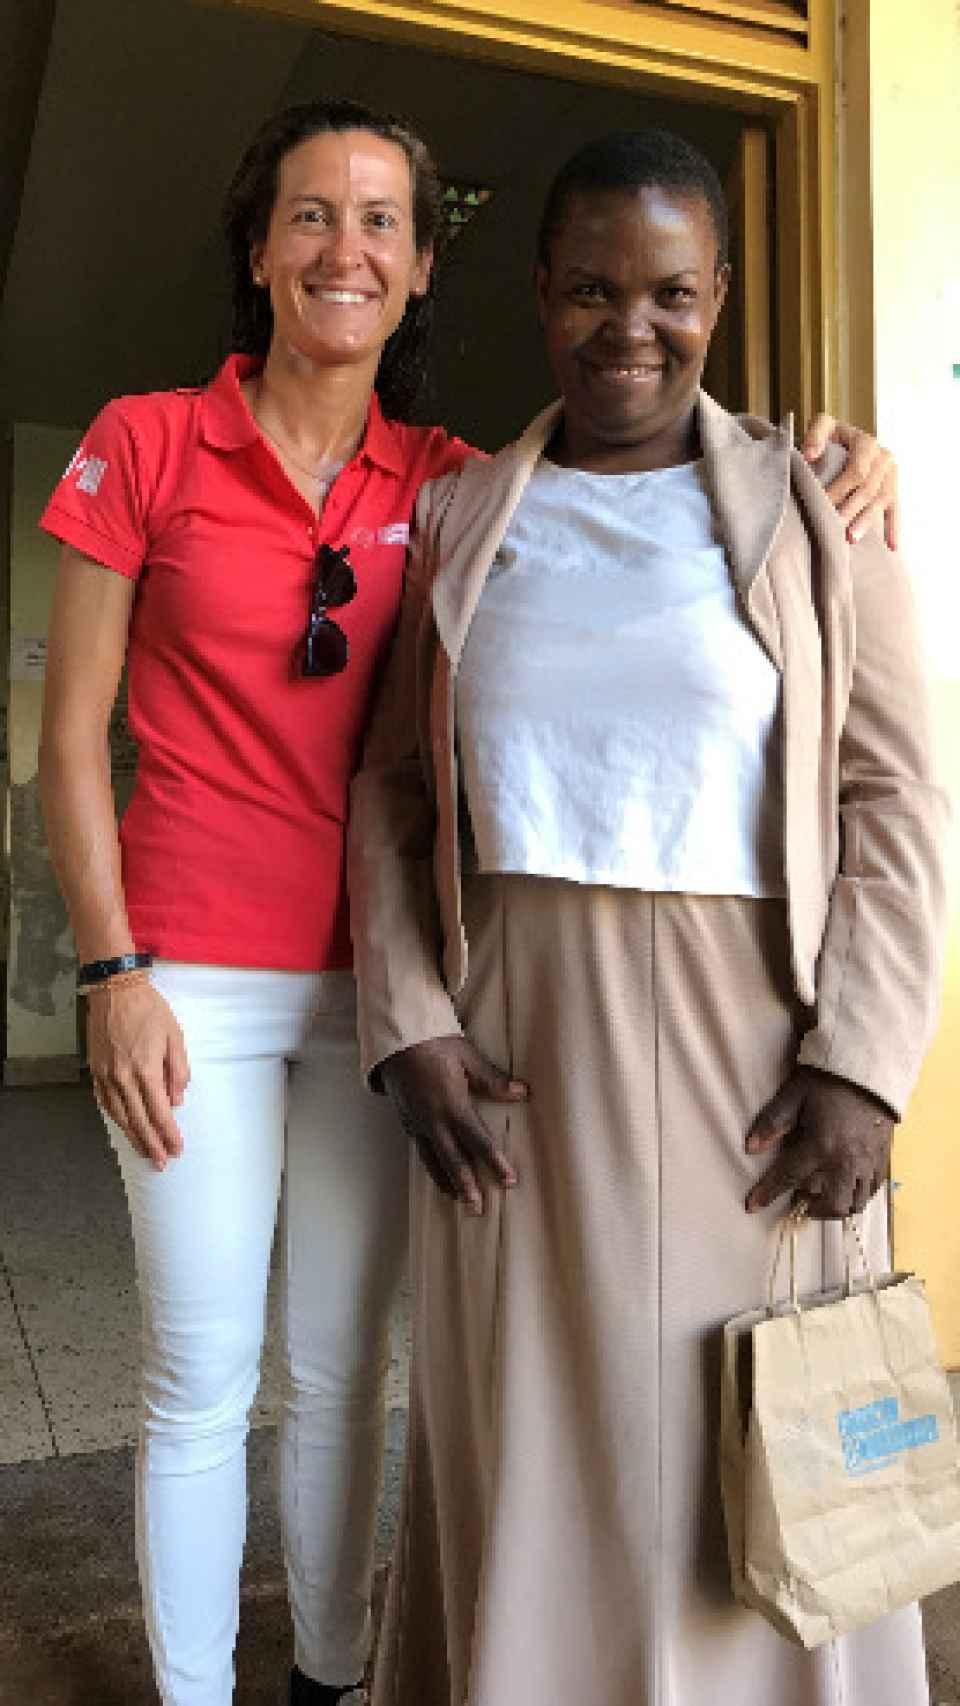 La doctora y Zaitu, en Uganda, tras el éxito de la operación.